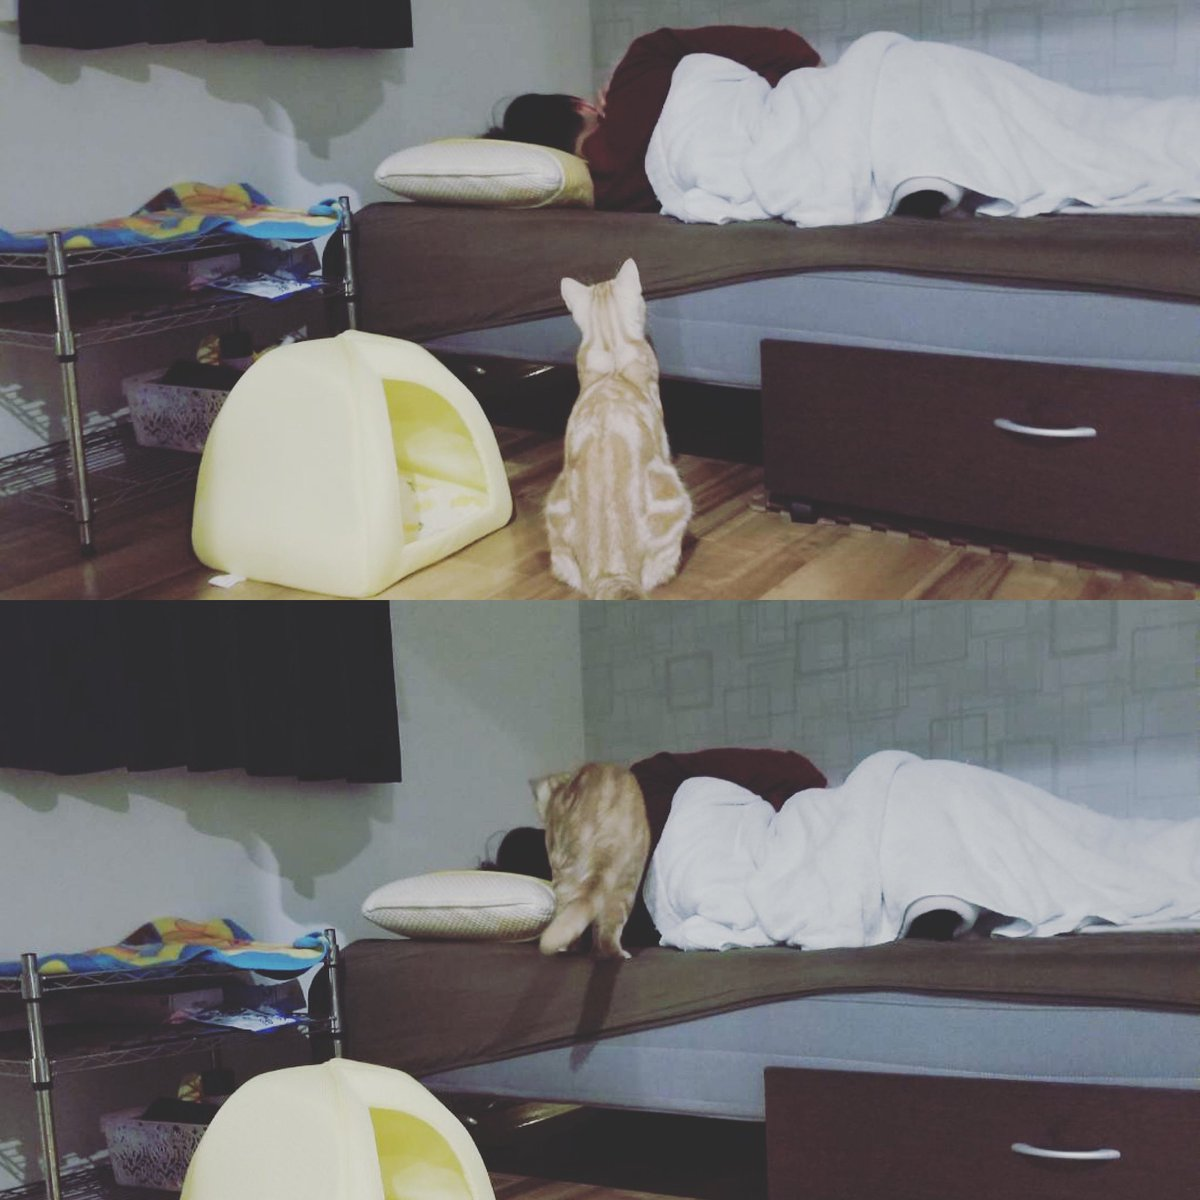 飼い主の体調がすこぶる悪かったこの日。普段絶対にベッドに乗らないオハナが心配してくれました。  #オハナ #オハナチャンネル #猫 #猫好きさんと繋がりたい #猫好き #ねこのきもち #ねこ部 #peppyフォト部 #cat #catsofinstagram #catloversworld  #instacat_meows #happycatclubpic.twitter.com/doiSO70WvQ